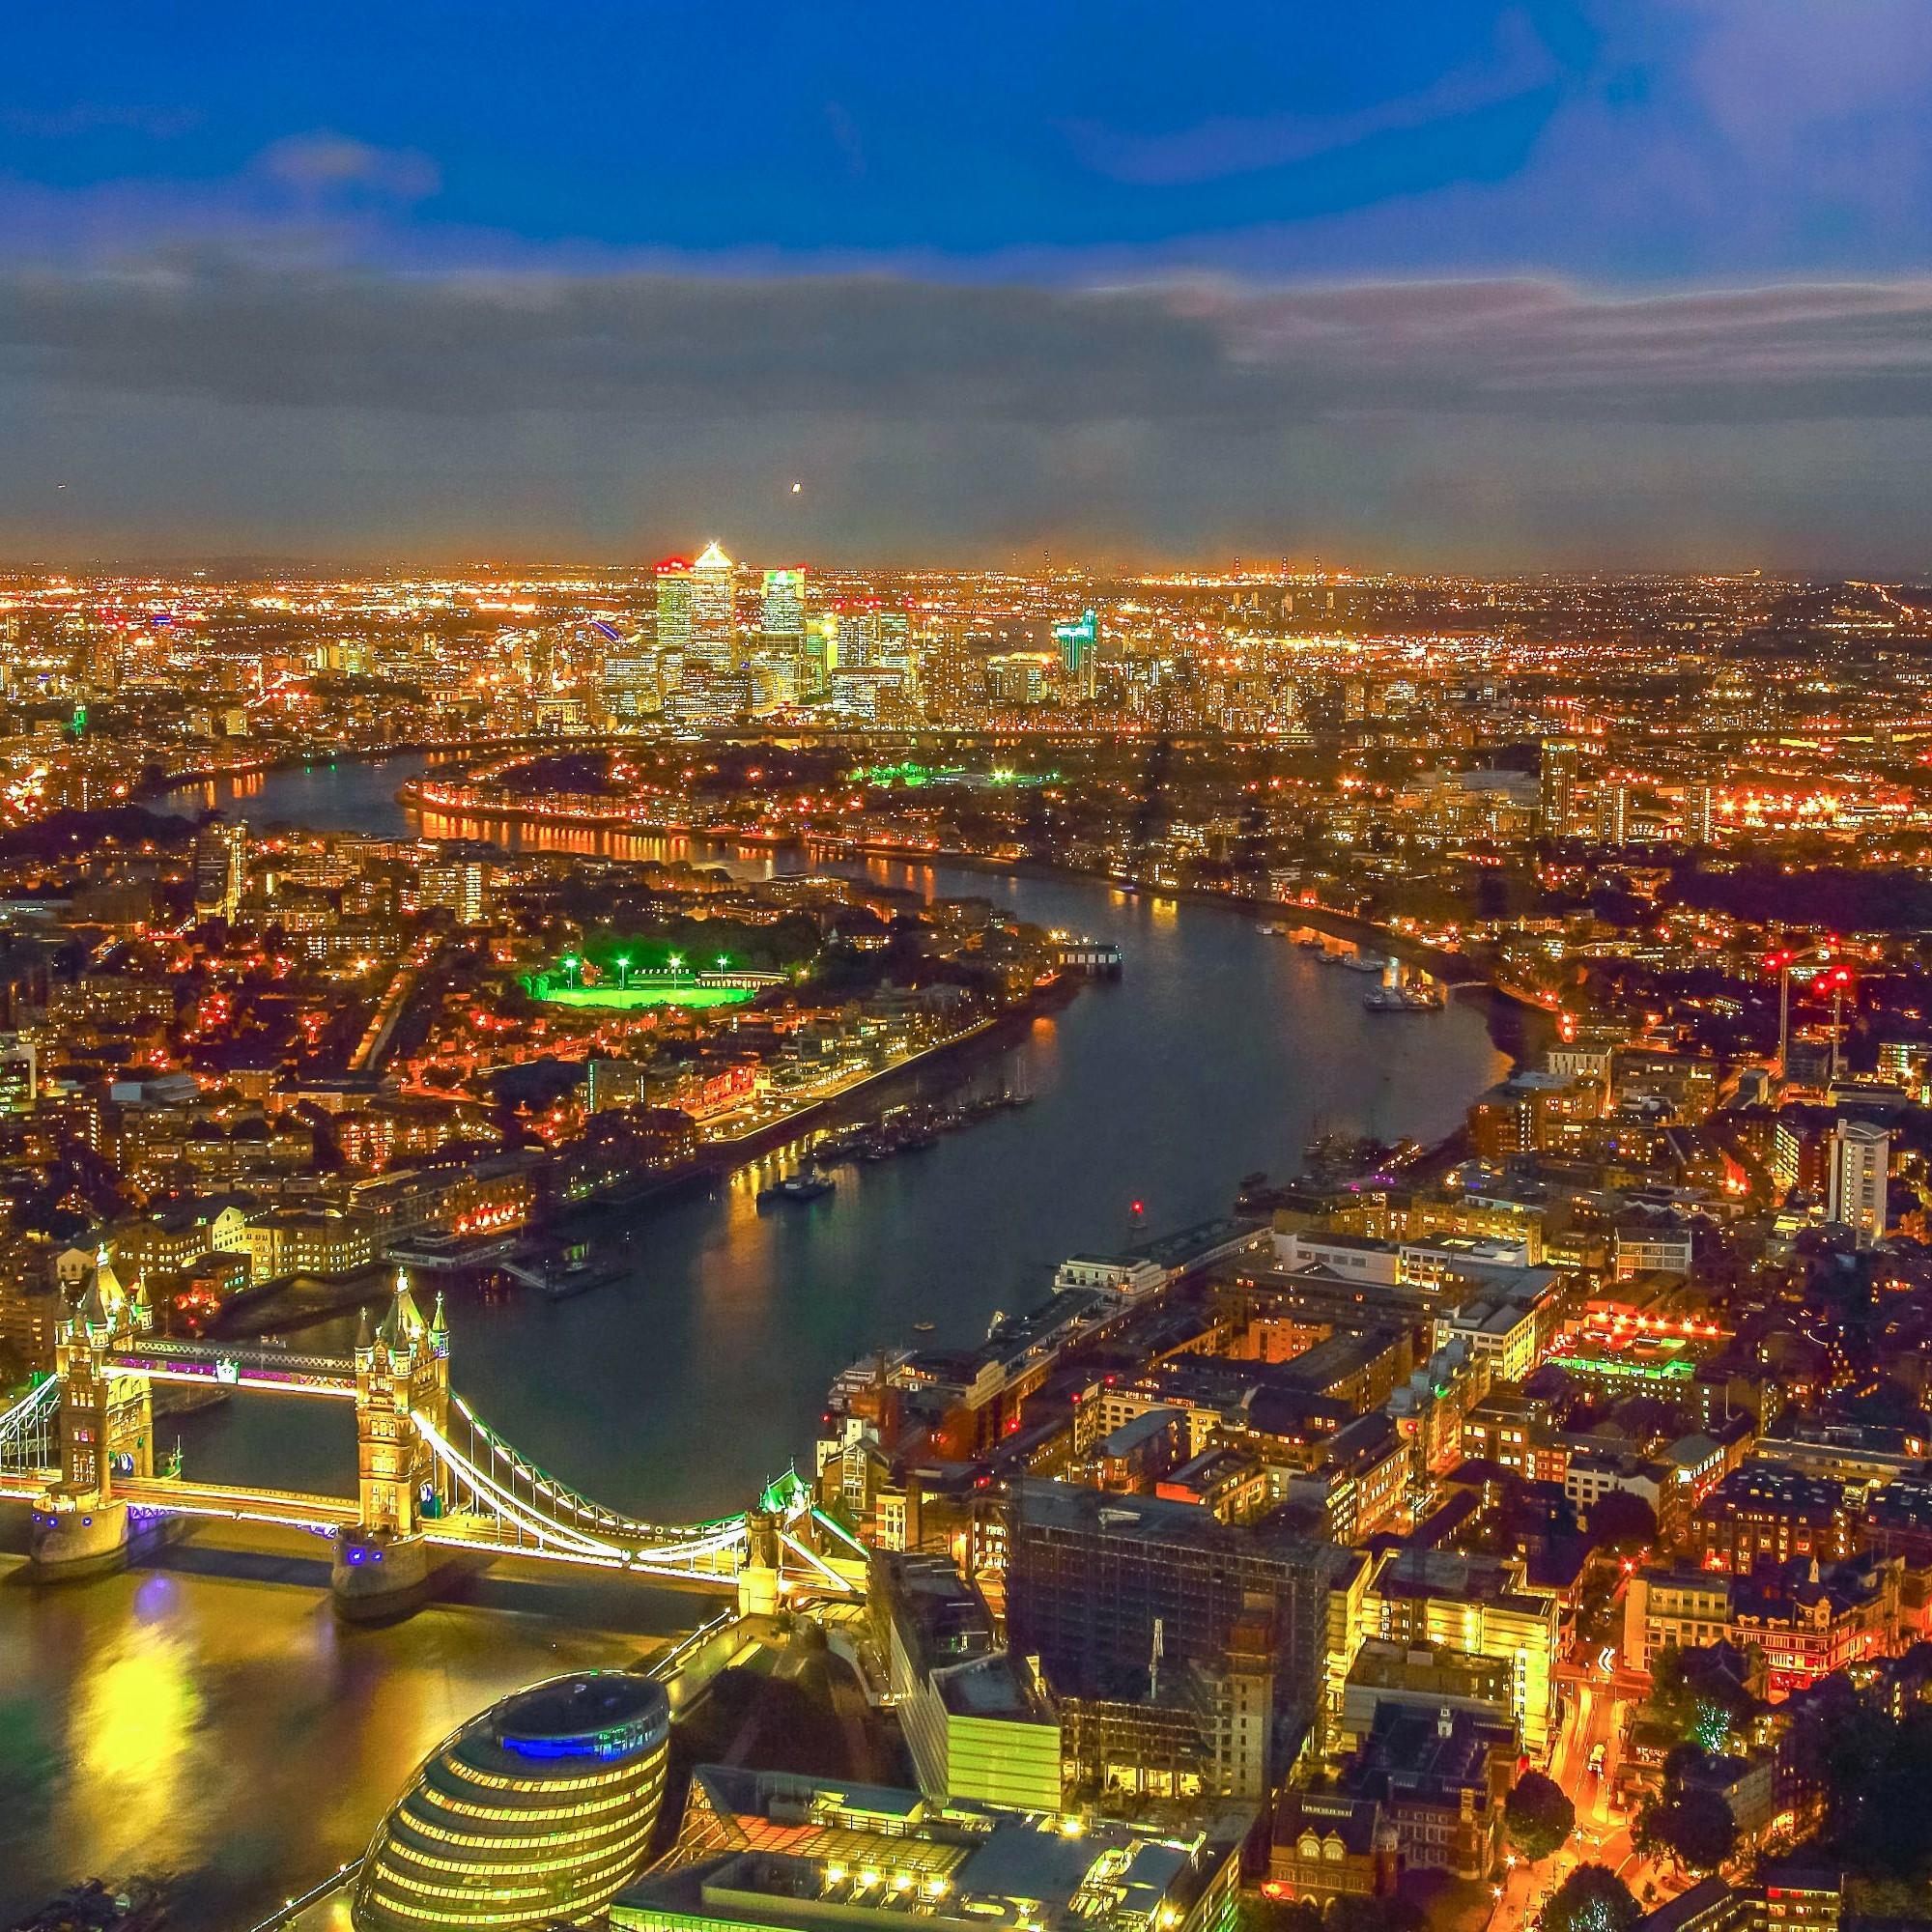 London bei Nacht: In vielen Metropolen kaufen anonyme Grossinvestoren zahlreiche Immobilien auf – als materielle Gegenwerte für Finanztransaktionen.